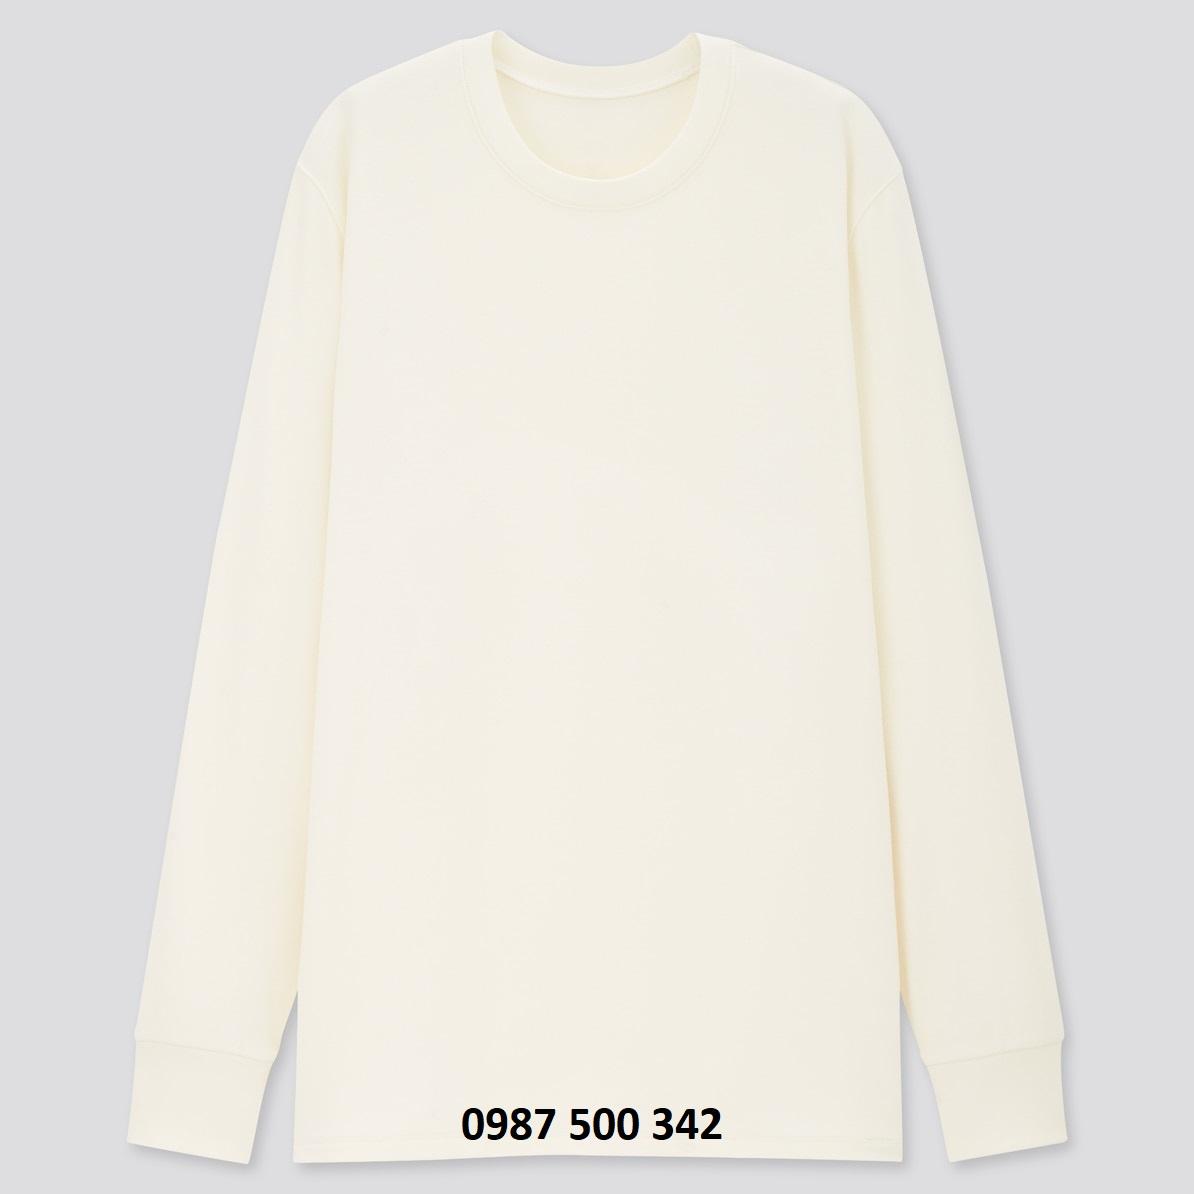 Áo giữ nhiệt nam cổ tròn Uniqlo Heattech Ultra Warm vải dày lót nỉ màu trắng 01 OFF WHITE